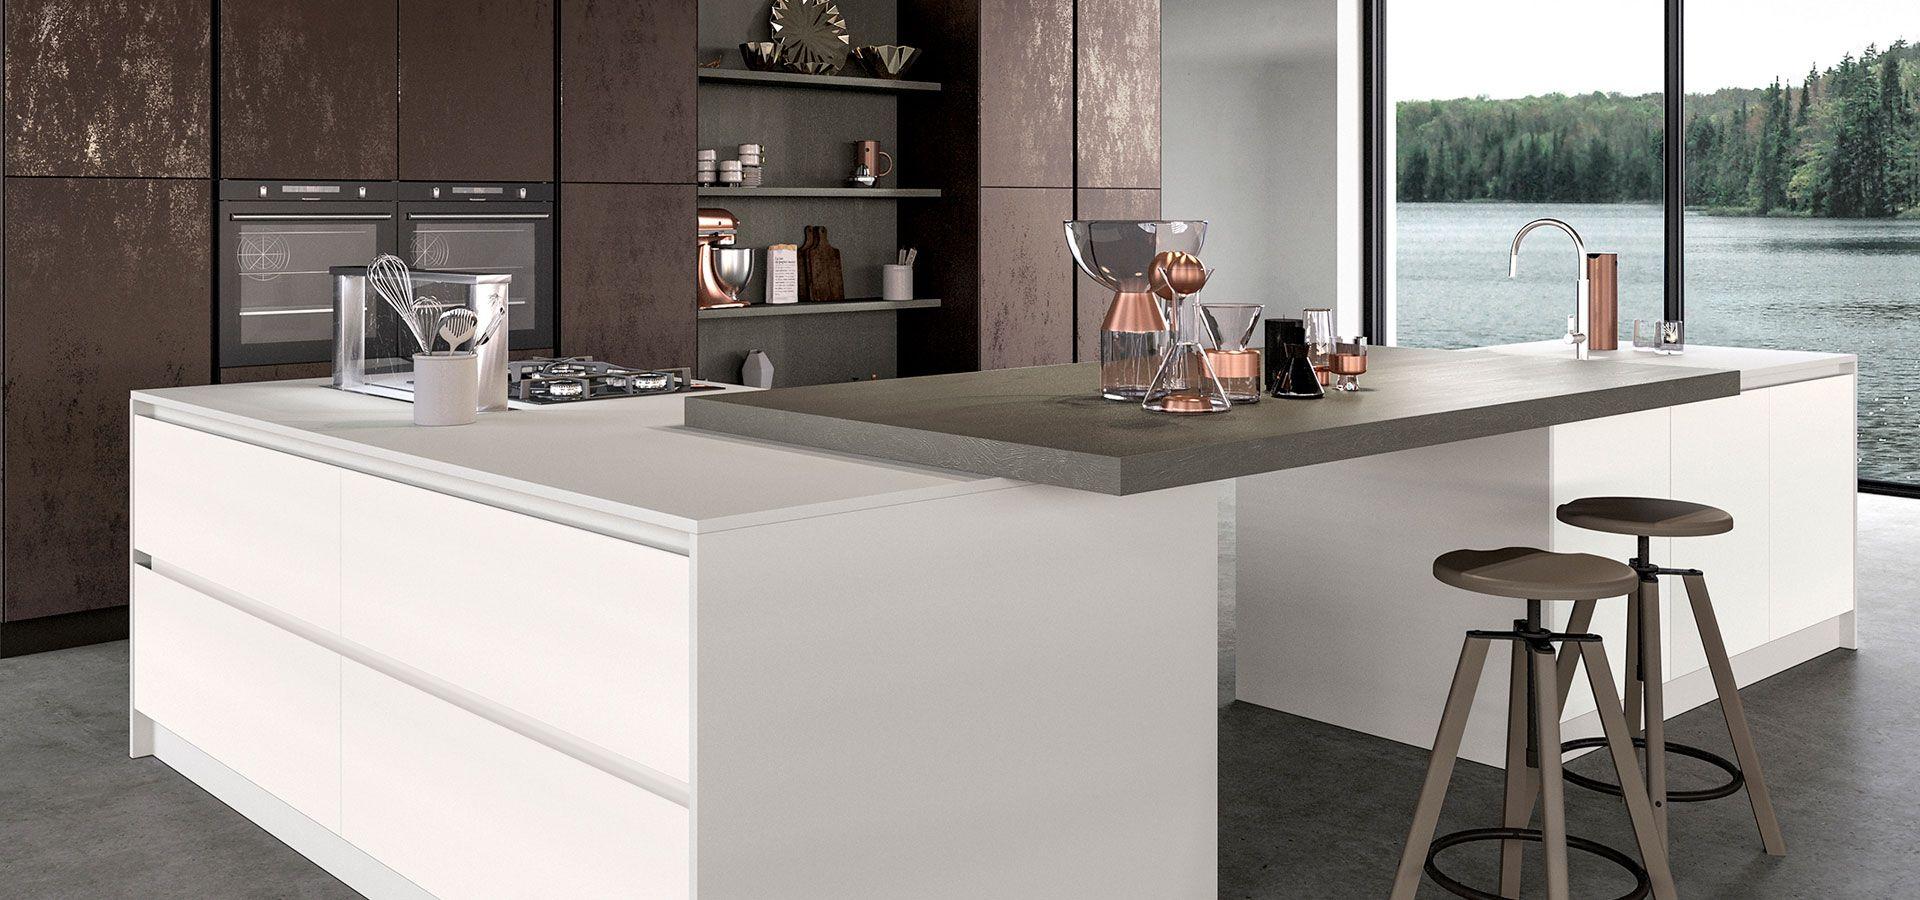 Cucina Moderna Design Ante in Vetro Lucido Opaco - Glass - Arredo3 ...